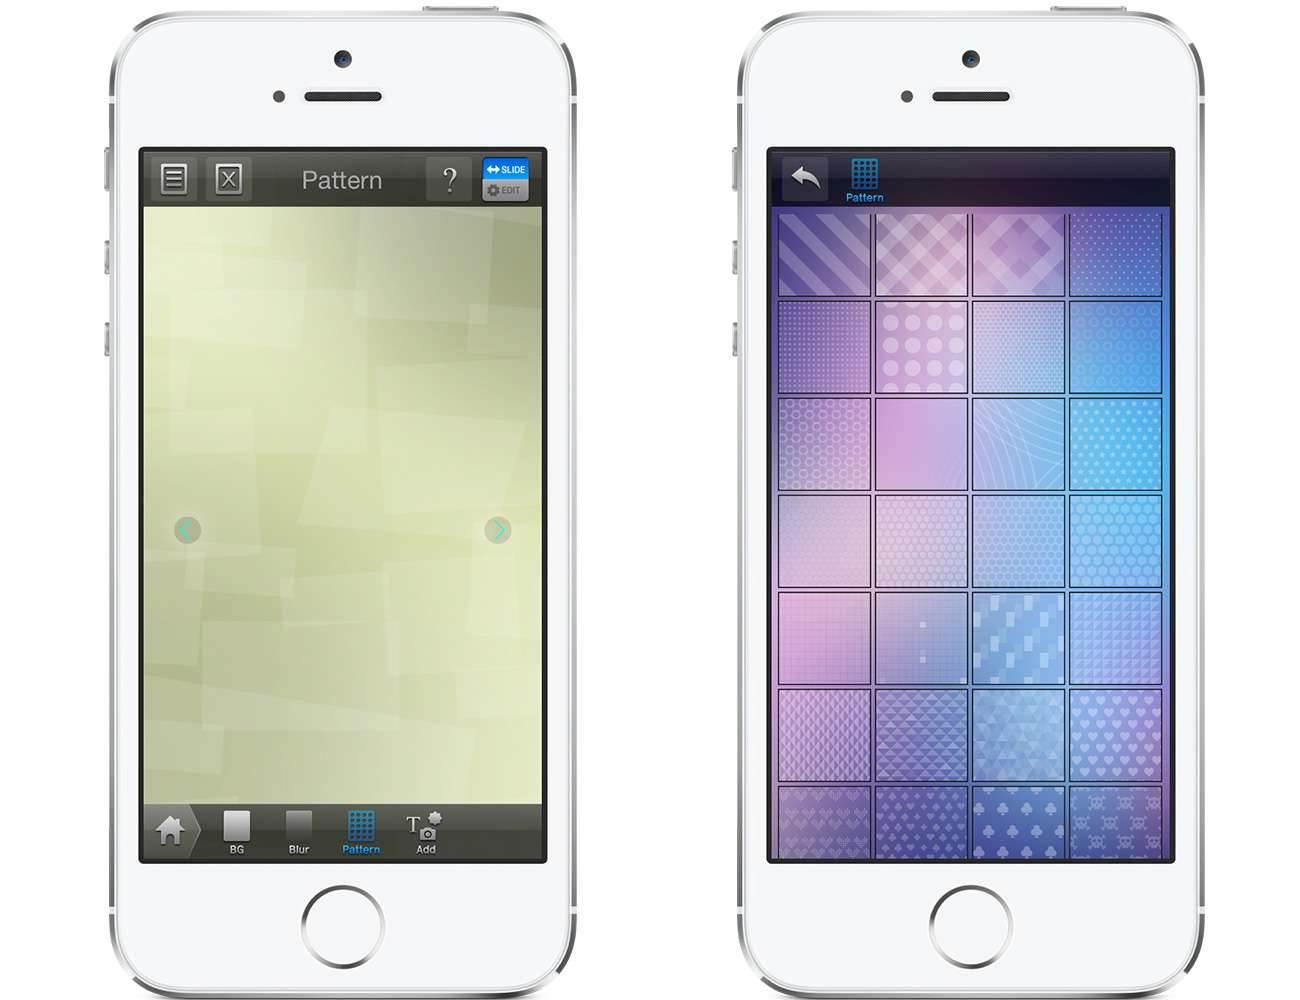 New Wallpaper For Ios7 Czyli Doskonałe Tapety Na Iphone